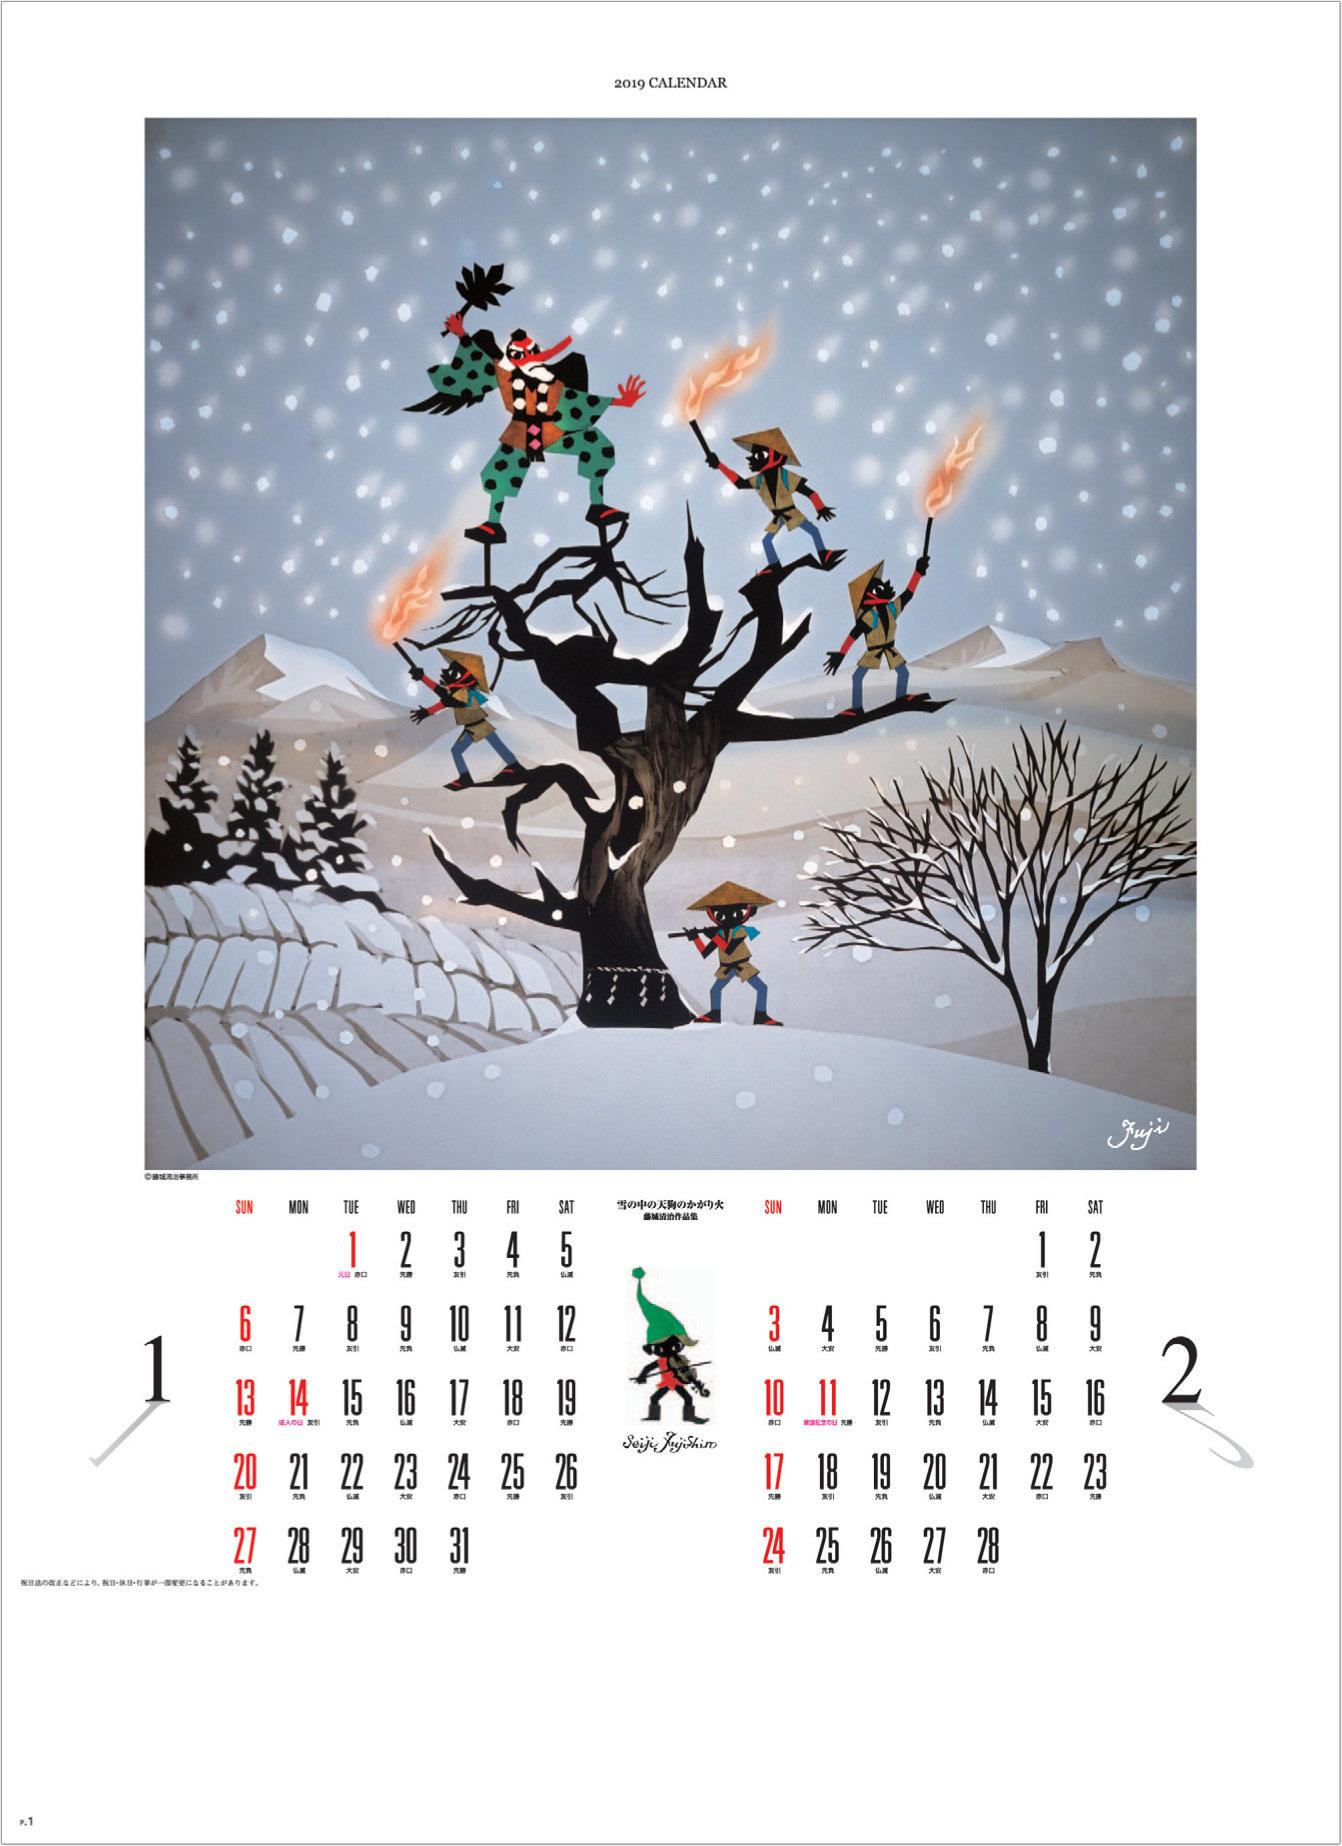 画像:藤城清治作品「雪の中の天狗のかがり火」 遠い日の風景から(影絵)  藤城清治 2019年カレンダー